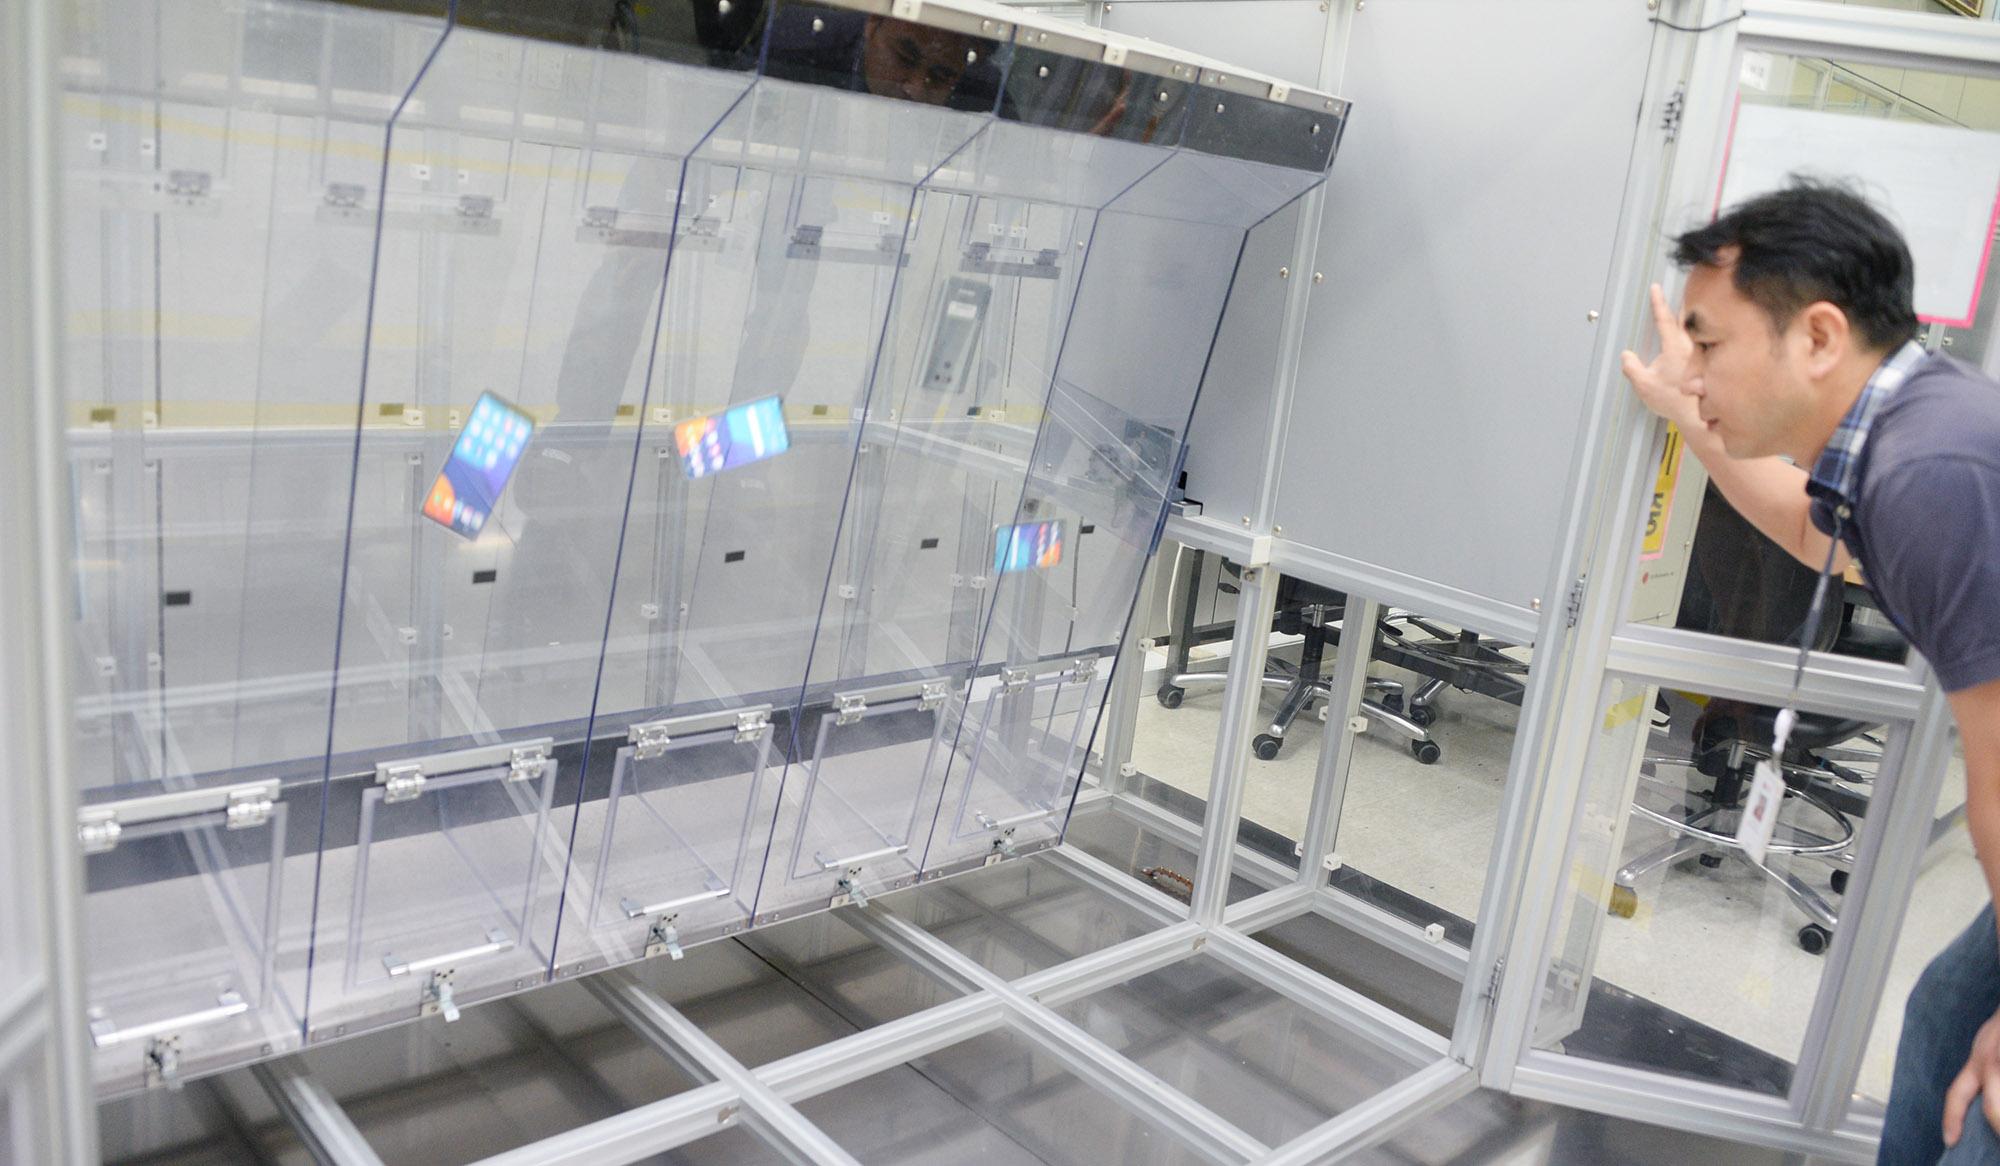 تصاویر و اطلاعاتی جدید از کارخانه باتری سازی شرکت ال جی در کشور کره منتشر شده است و نشان از فرآیندهایی تست کارخانه باتری سازی شرکت ال جی است.